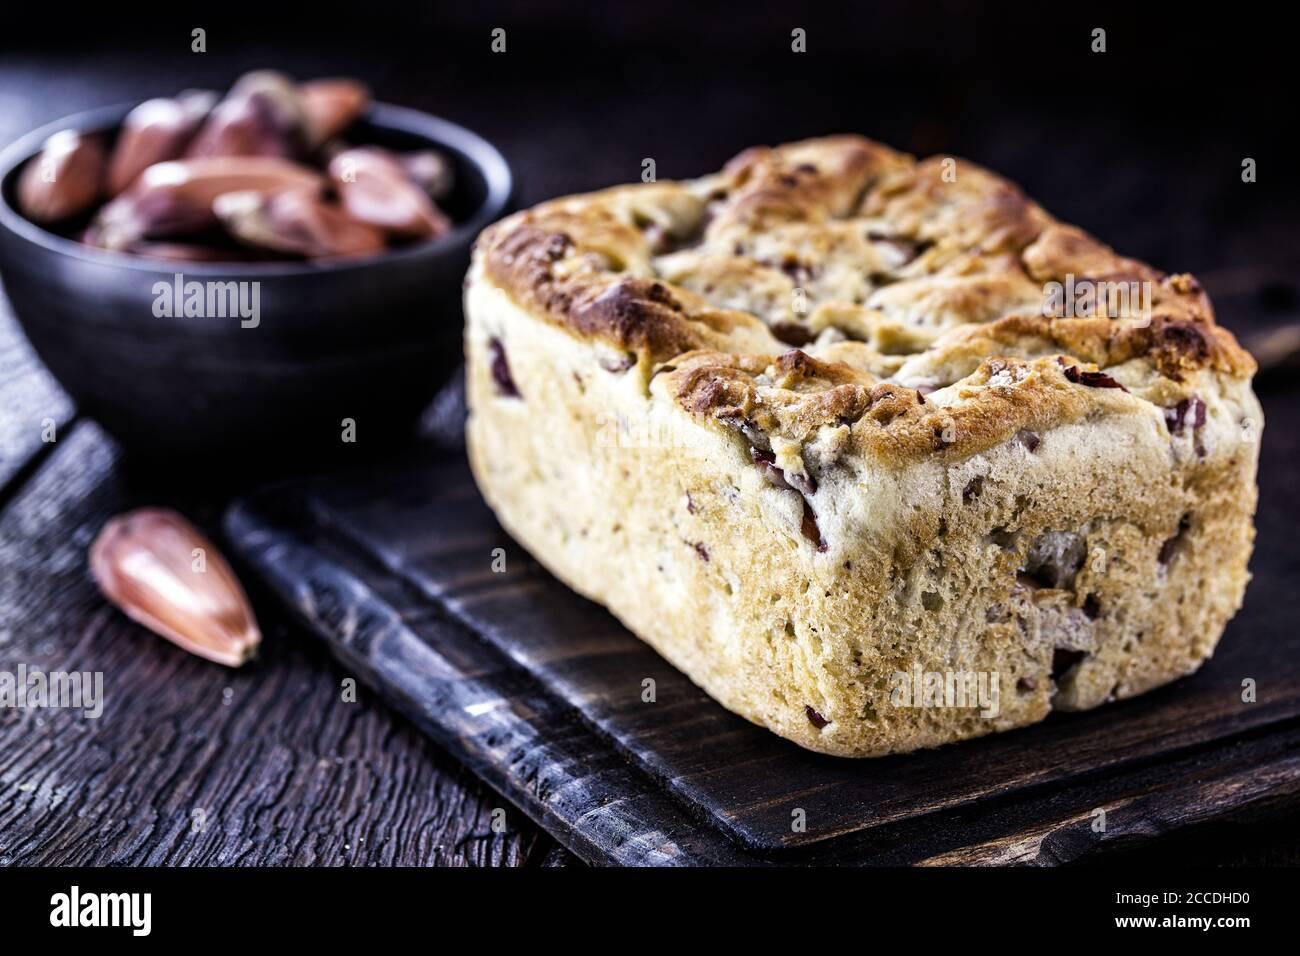 pan vegetariano casero, hecho con piñones, sin productos de origen animal. Foto de stock